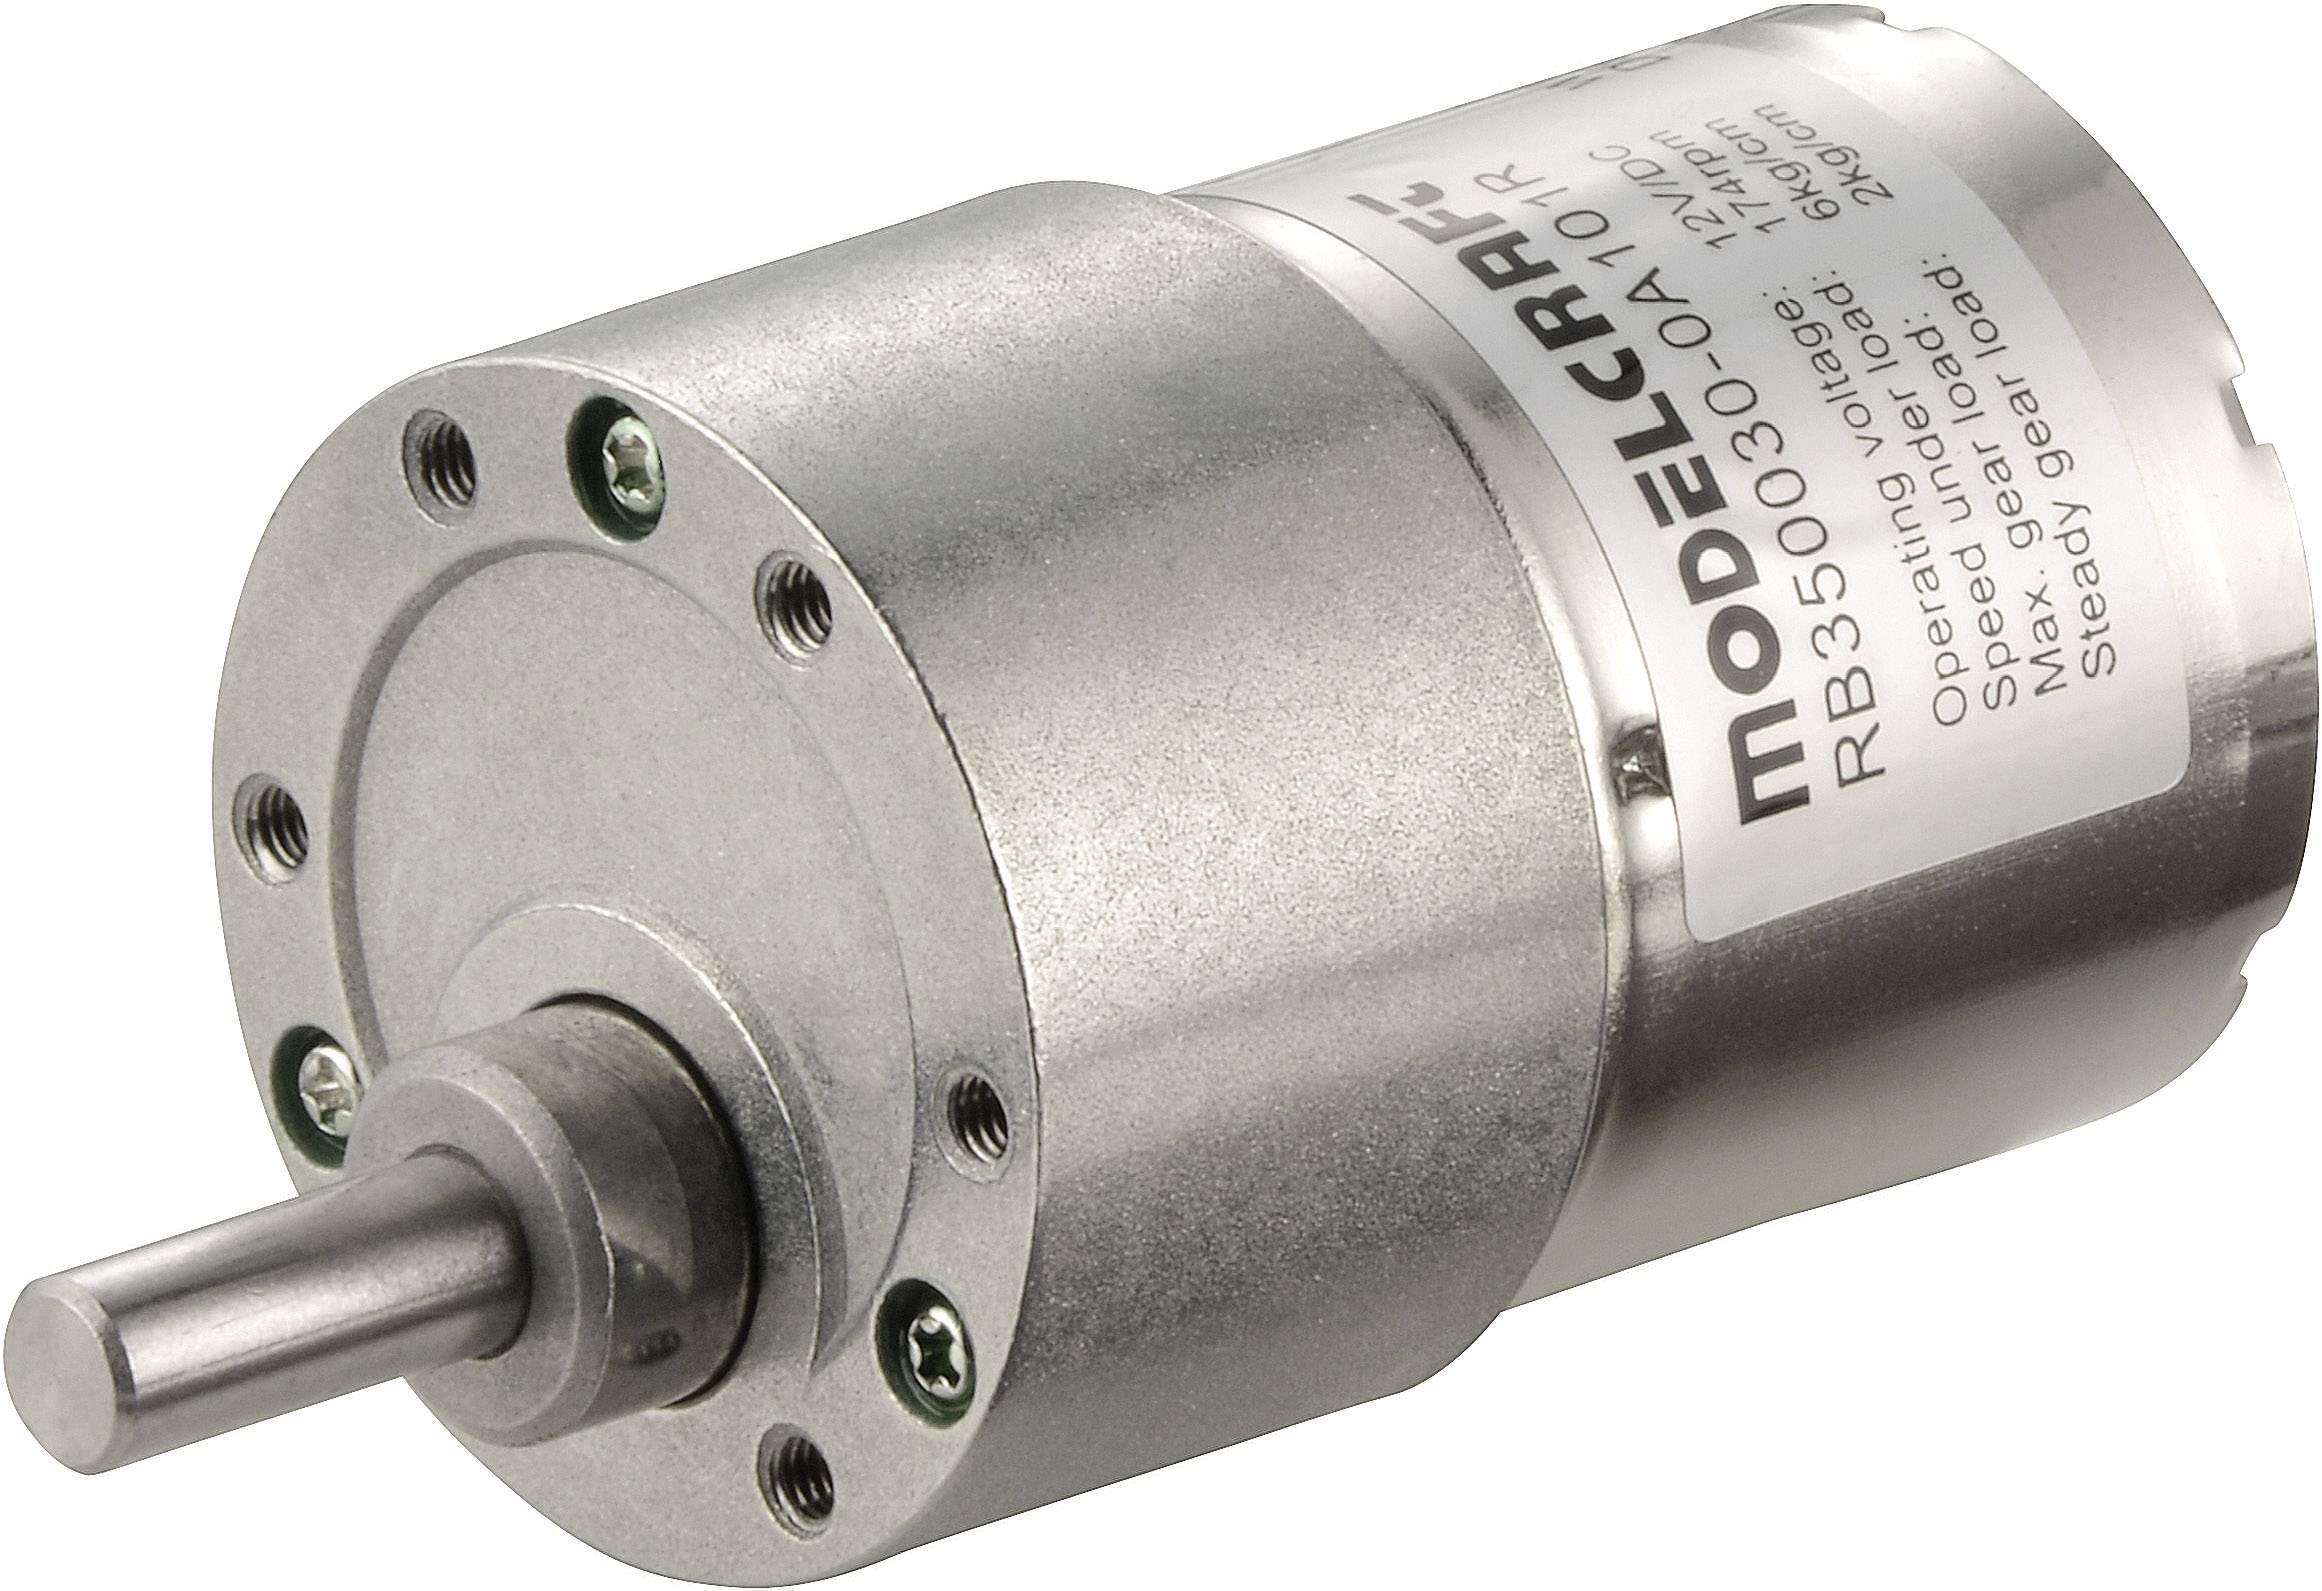 Prevodový motor Modelcraft RB350050-0A101R, 12 V, 50:1